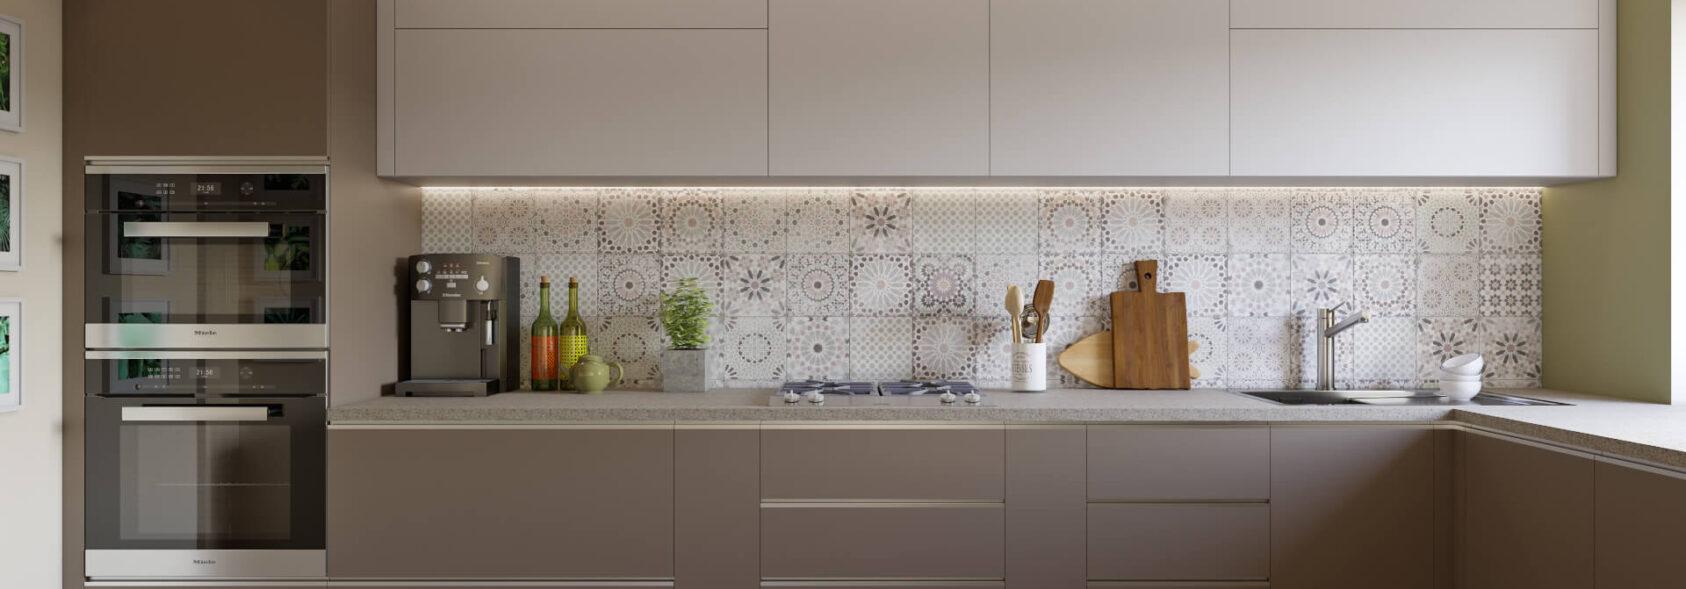 Дизайн и ремонт т дома Запорожье интерьер кухни